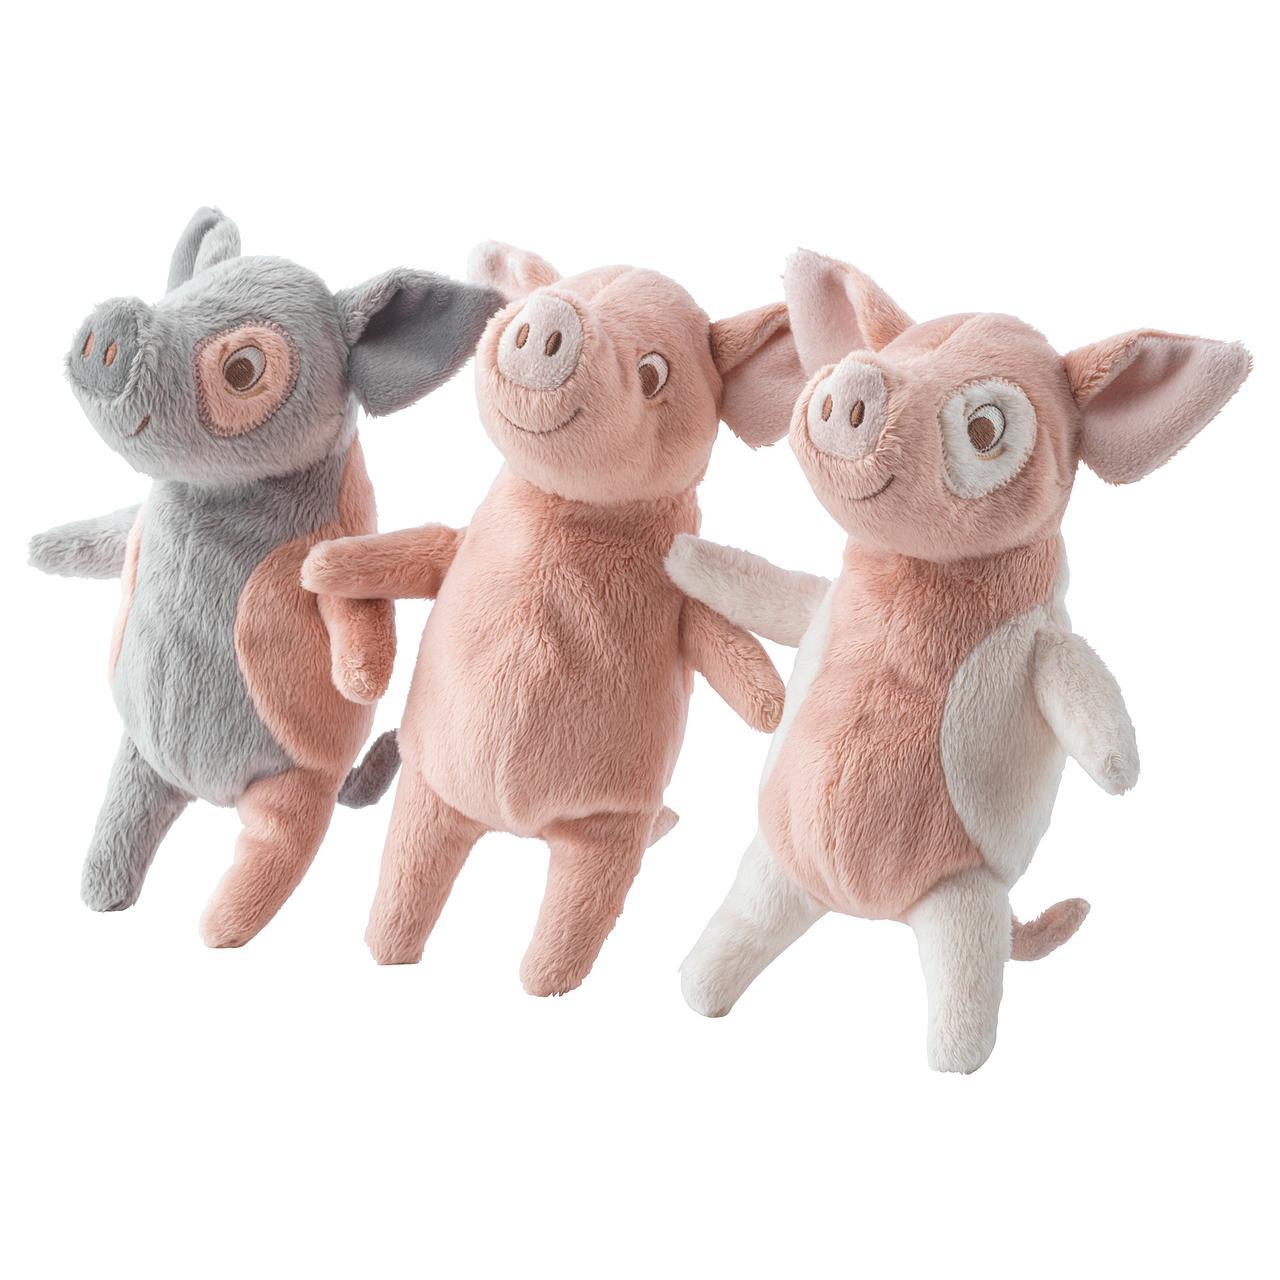 КЕЛГРИС Мягкая игрушка, поросенок различные модели